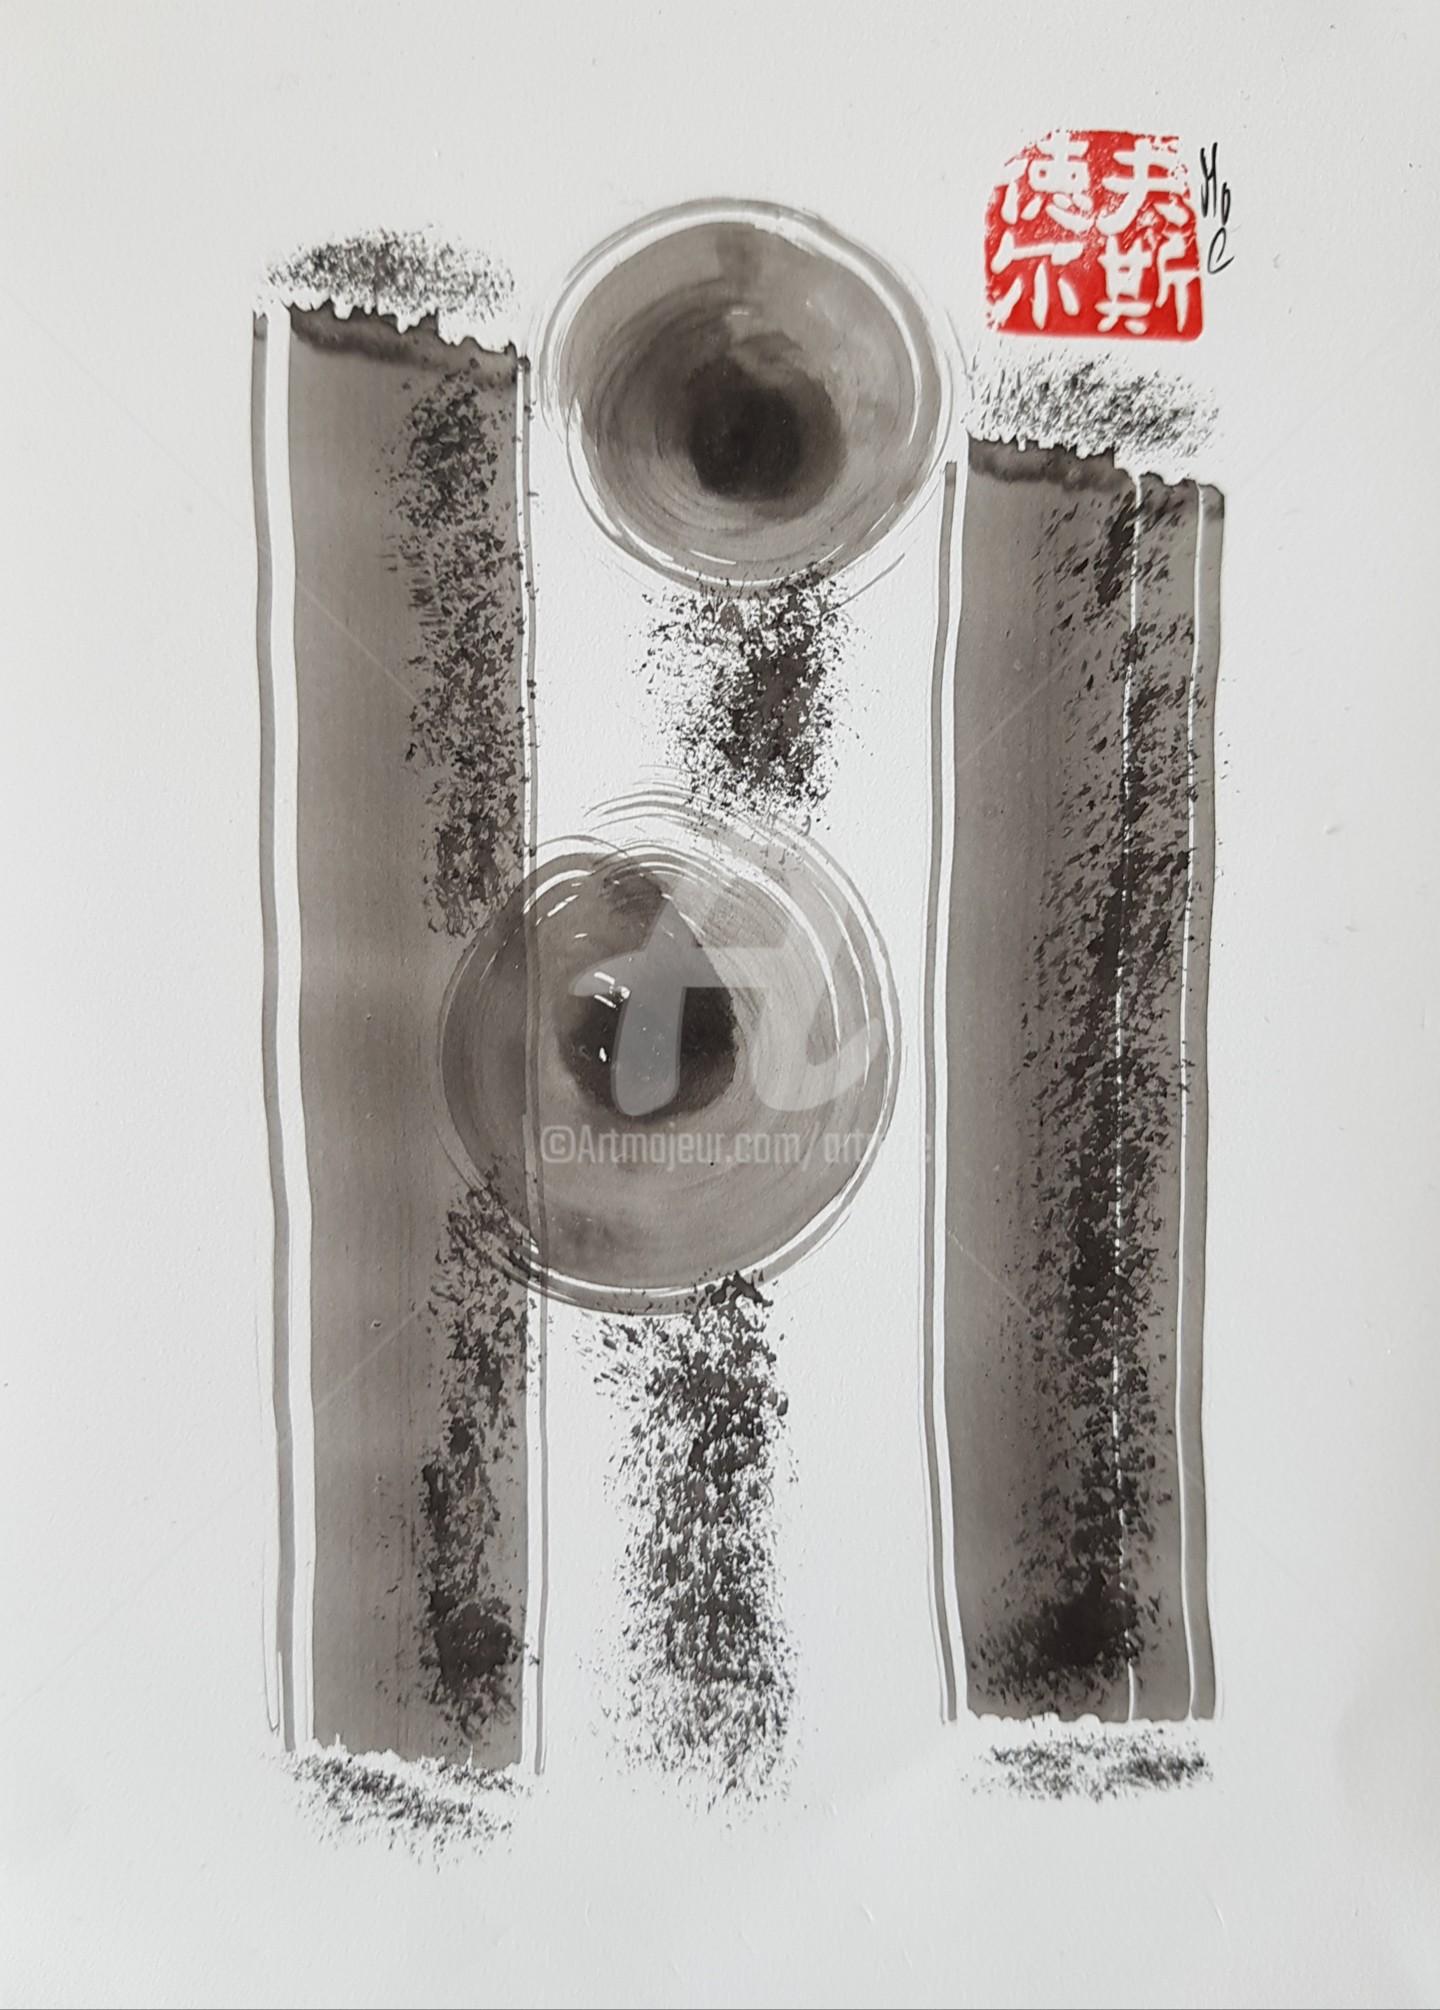 Art Moé - Sumi e Contemporary #9